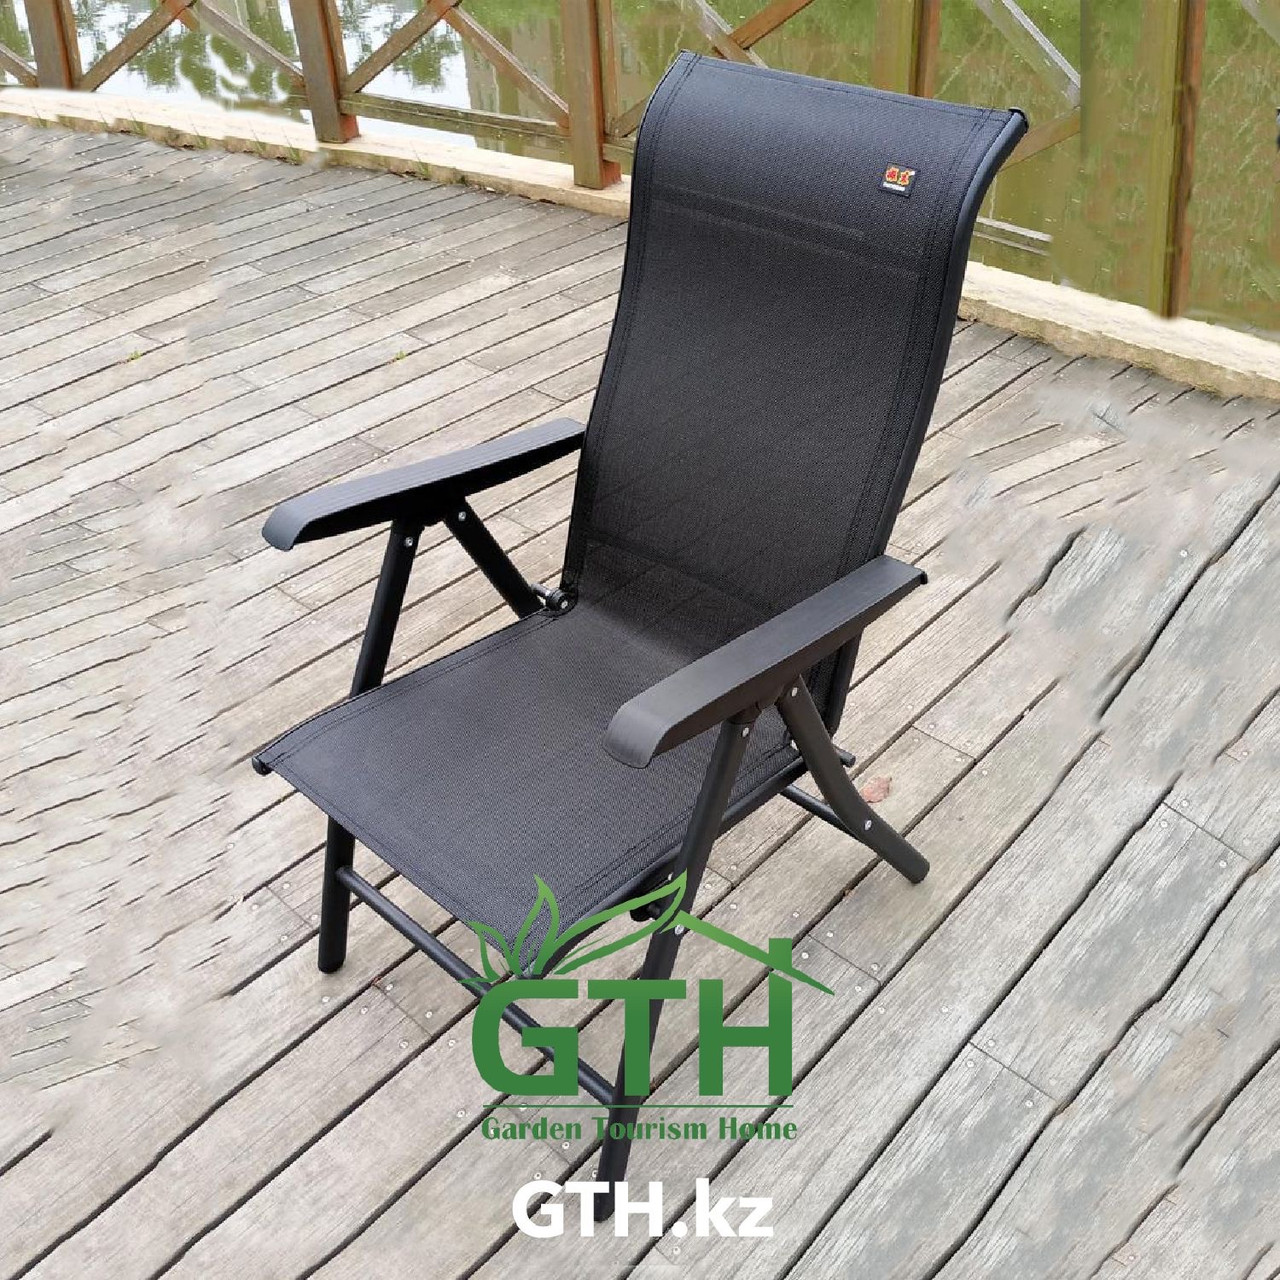 Складное кресло с регулировкой спины Zhejang Zhendong. Нагрузка 150 кг. Доставка. - фото 3